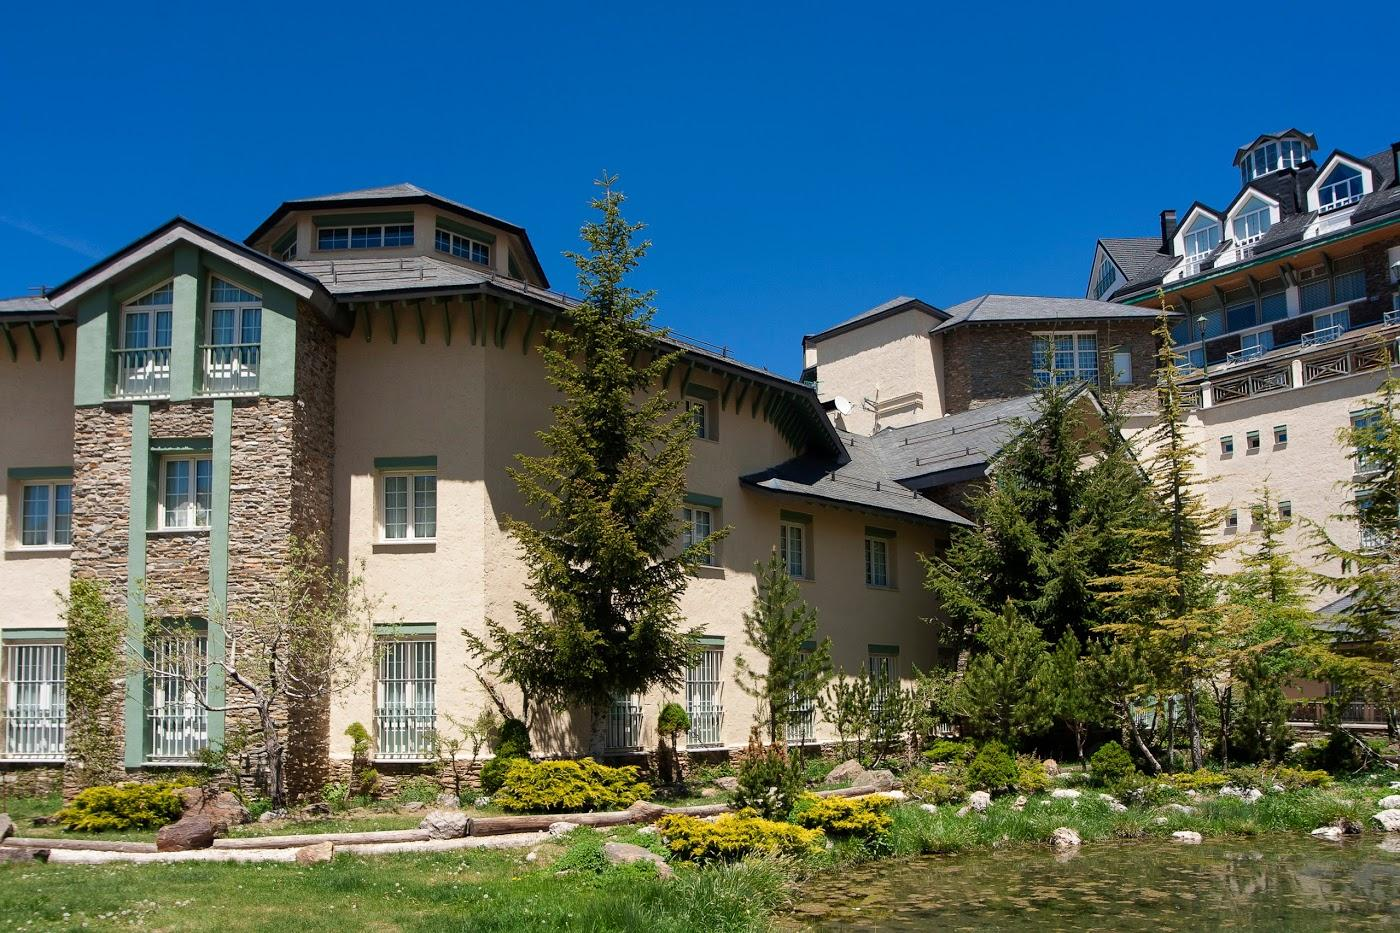 Hotel trevenque en sierra nevada viajes carrefour - Apartamentos baratos en sierra nevada ...